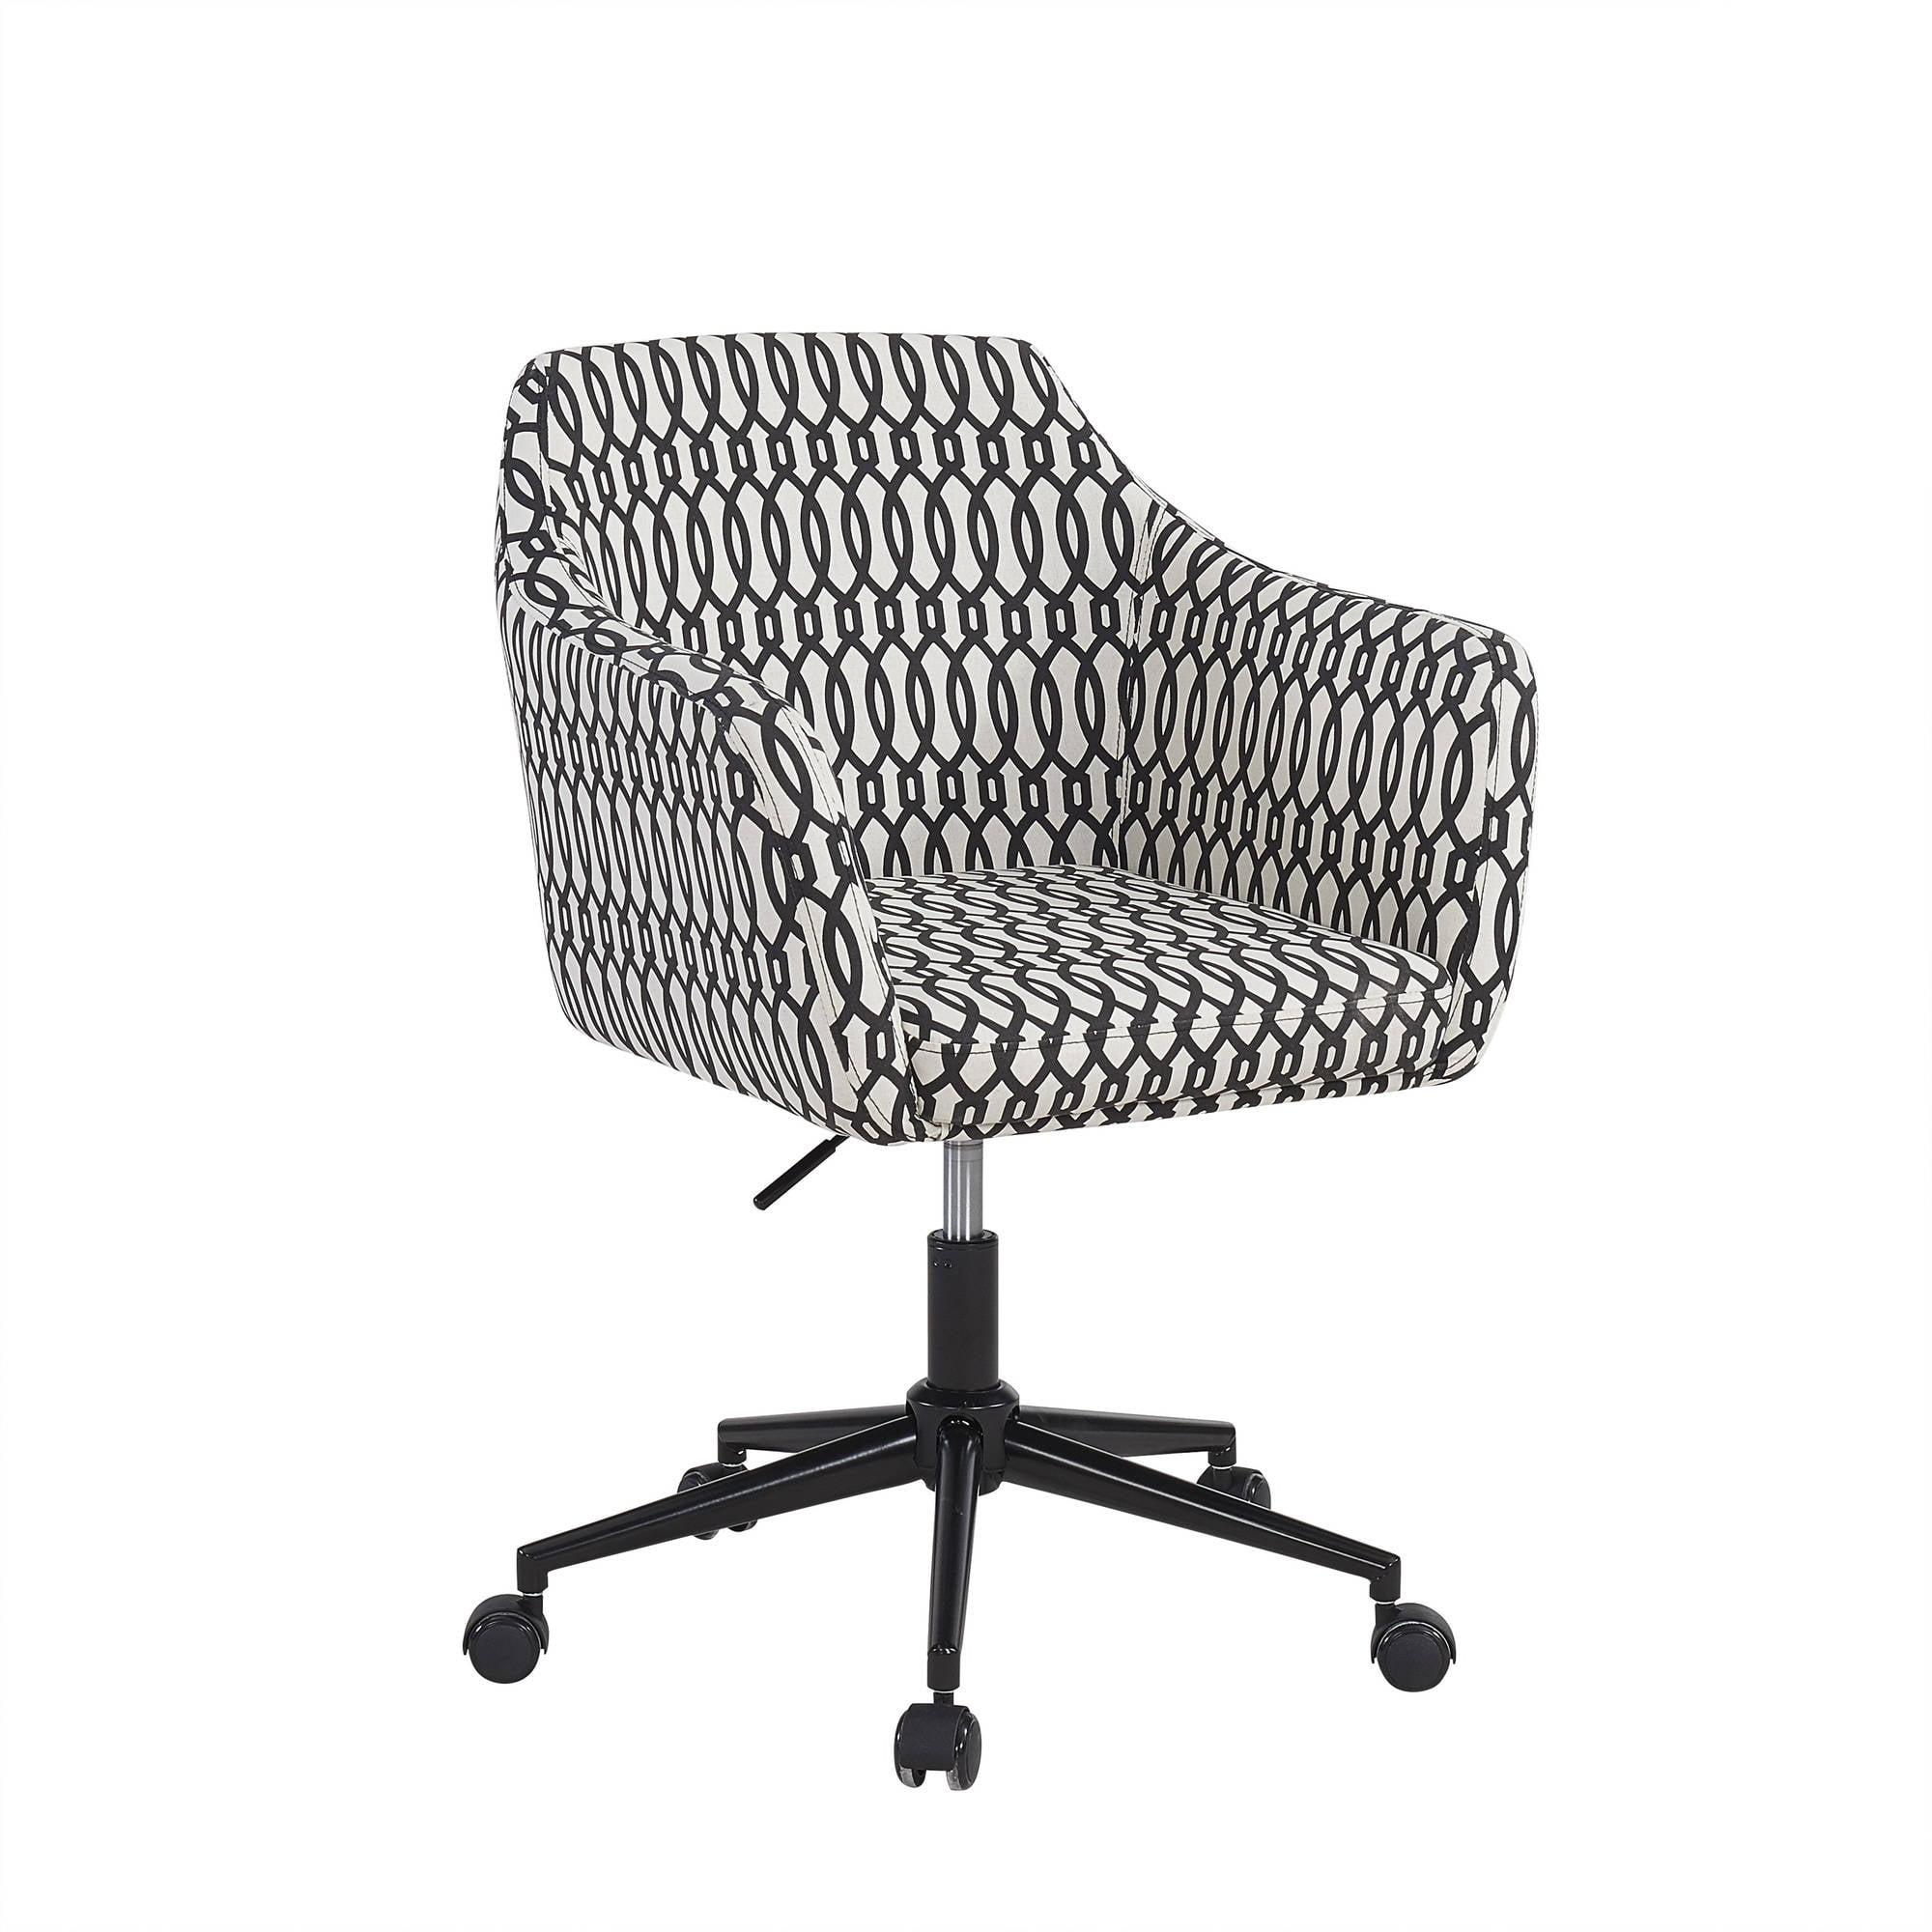 Upholstered Office Chair Black Trellis Armchair Steel Frame Chrome Base  Wheels